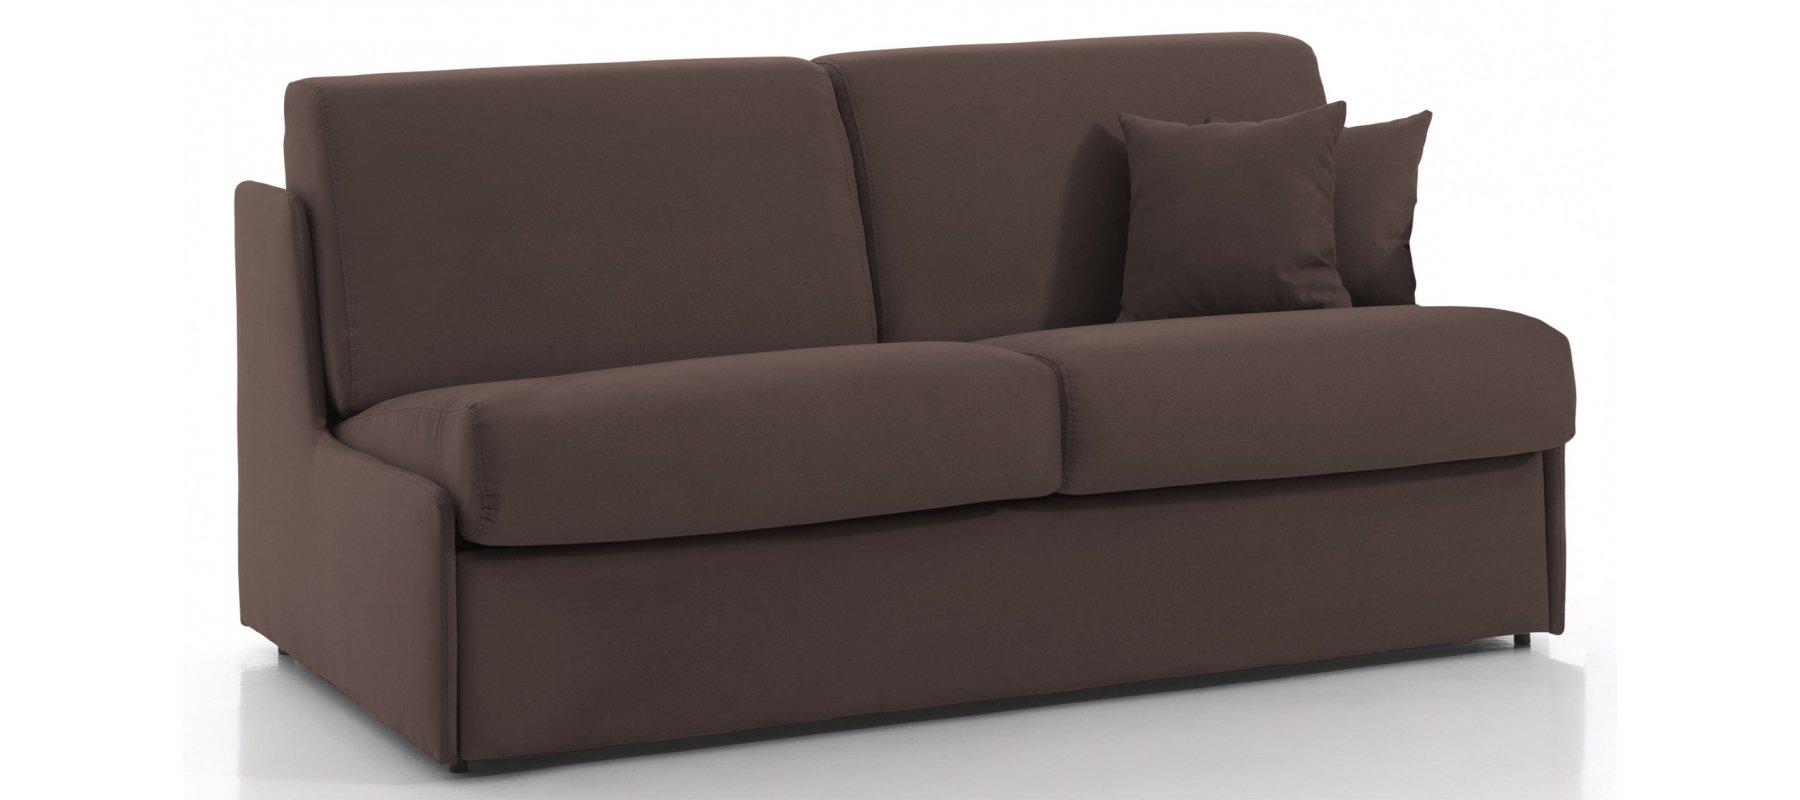 Canapé Convertible DONNA   Largeur 166 Cm   Couchage 140 Cm